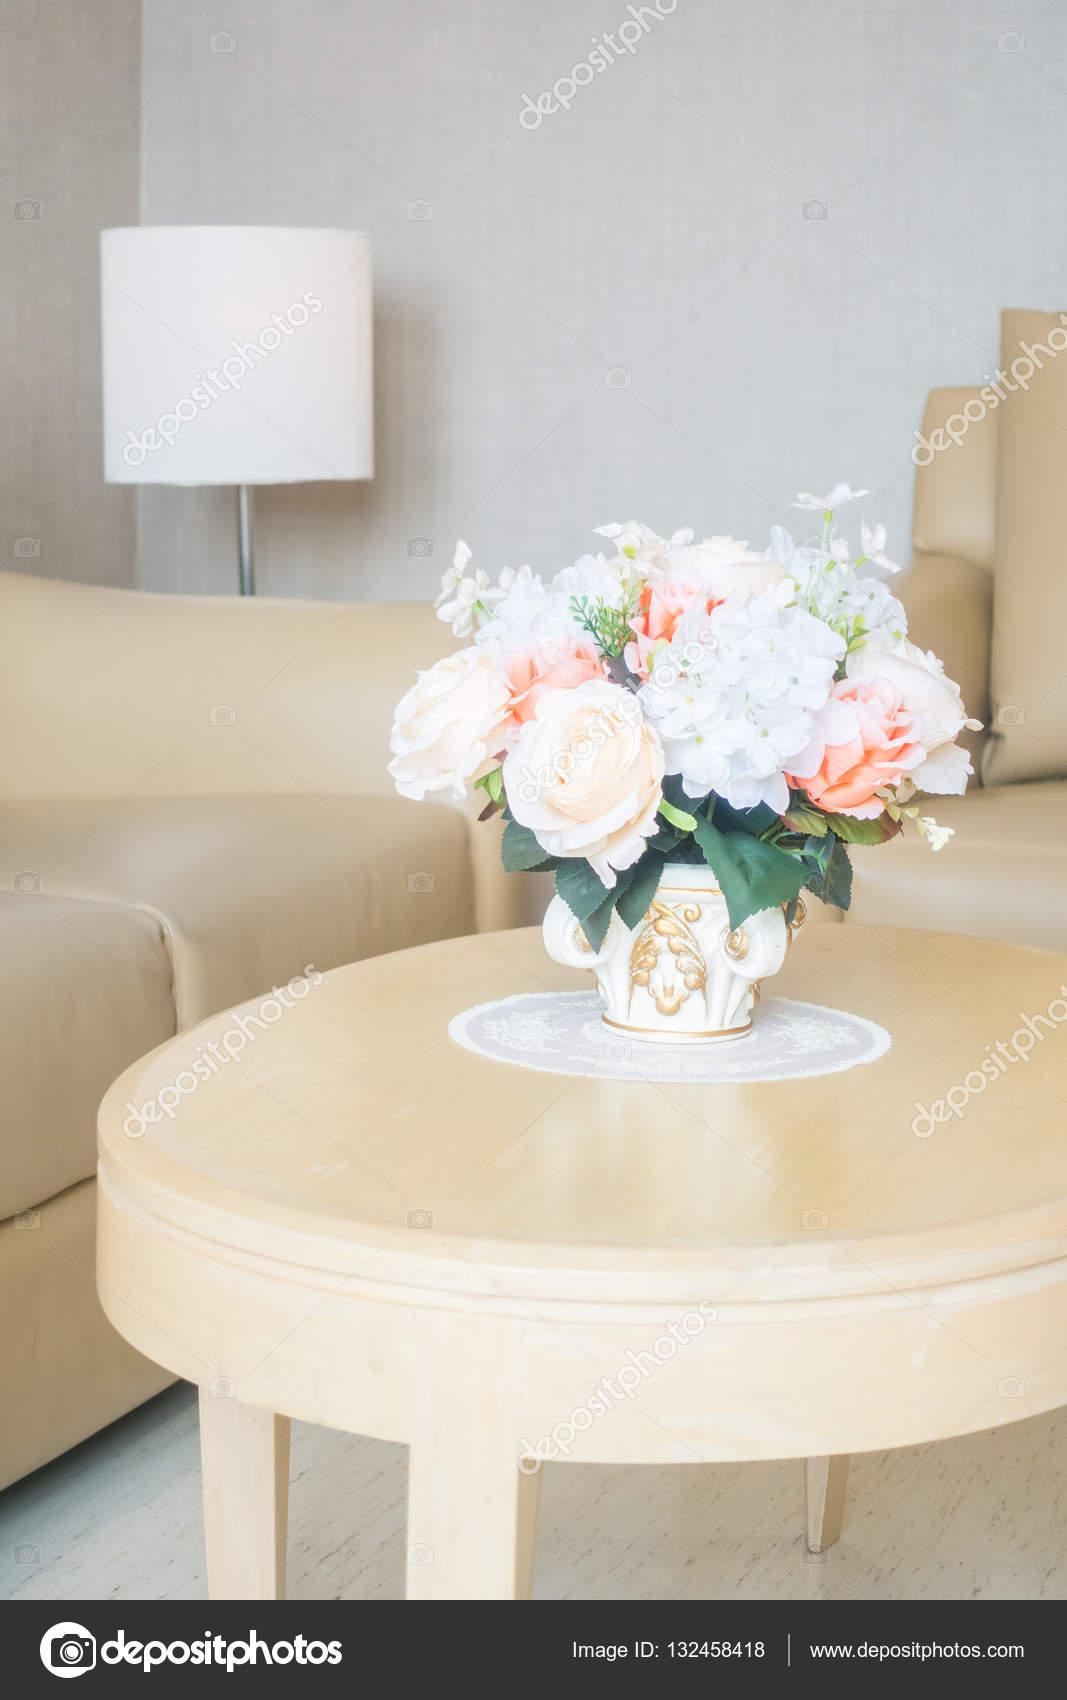 https://st3.depositphotos.com/1875497/13245/i/1600/depositphotos_132458418-stockafbeelding-bloemenvaas-op-tafeldecoratie-in-de.jpg